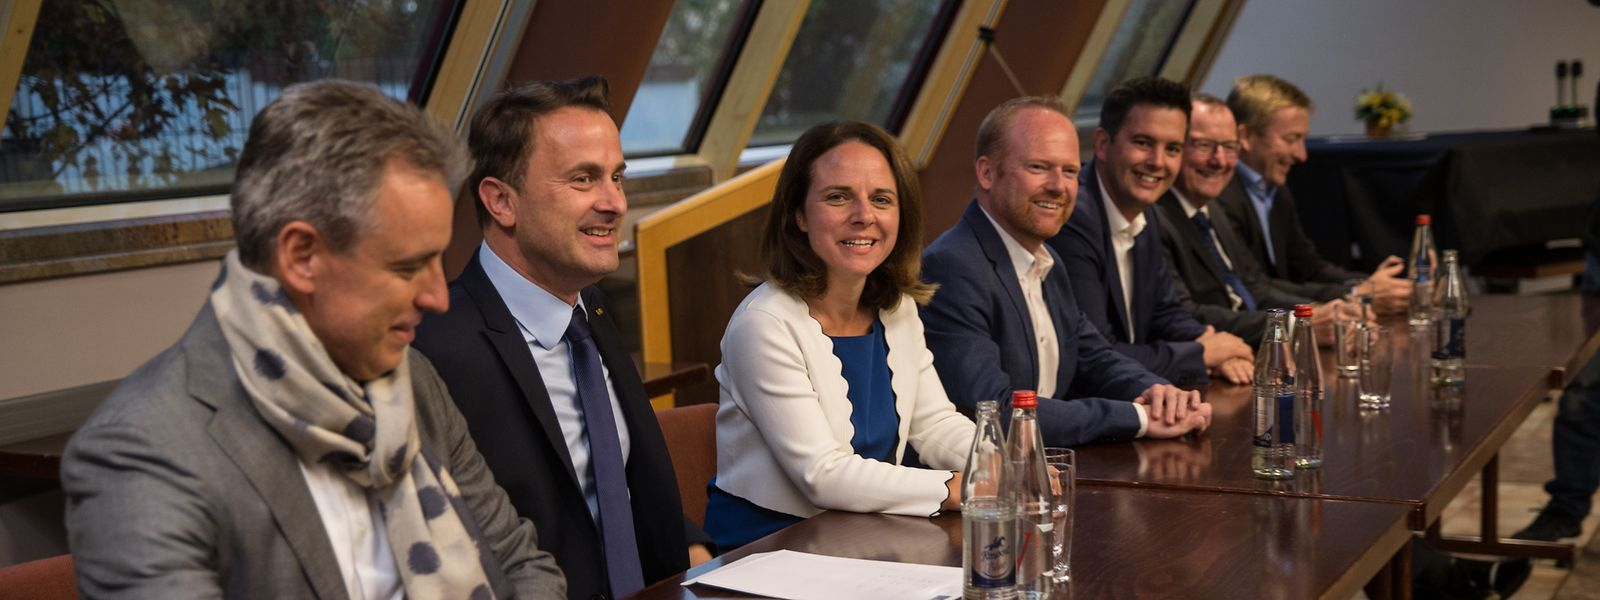 Le comité directeur du DP, le parti de Xavier Bettel, s'est réuni lundi soir à Hesperange pour donner son aval à l'entame de discussions pour réitérer la coalition sortante.